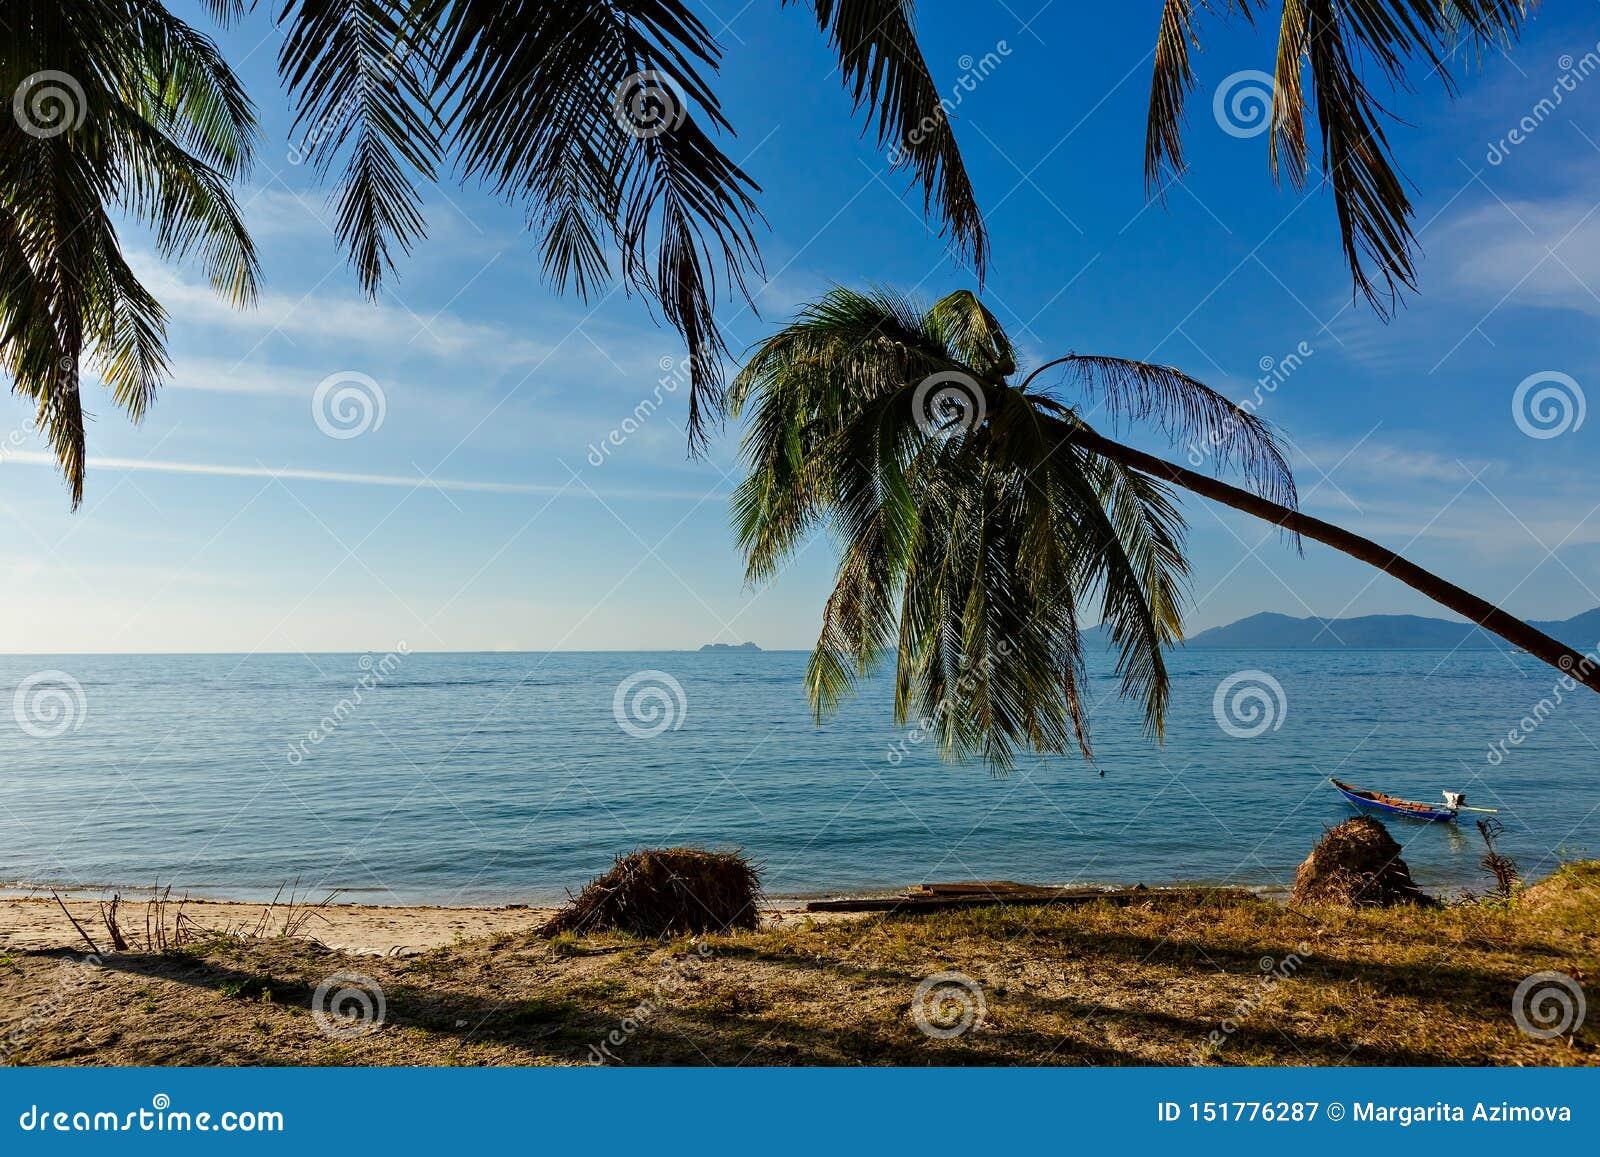 Palmeira do coco no Sandy Beach branco Vista panor?mico Vista bonita da praia ensolarada limpa calma